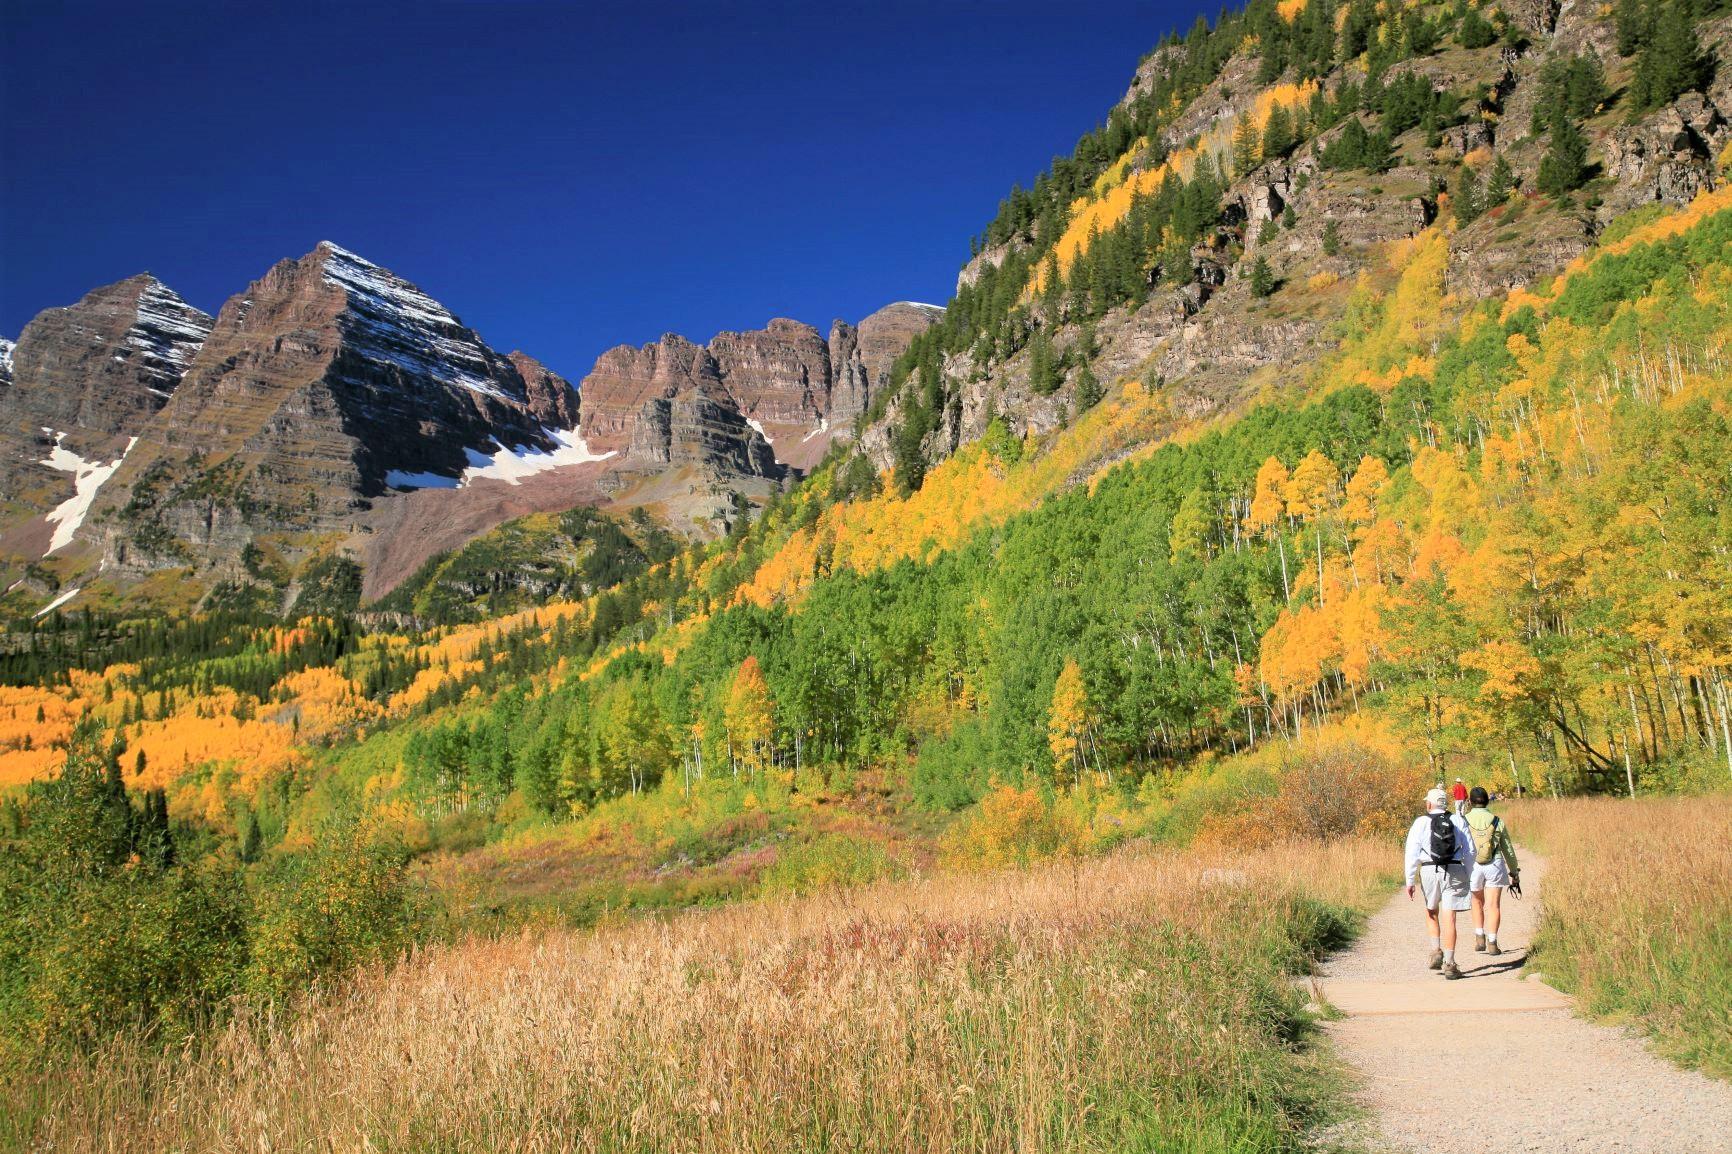 秋、山々が徐々に秋色に染まり始める、ハイキングのベストシーズンを迎える